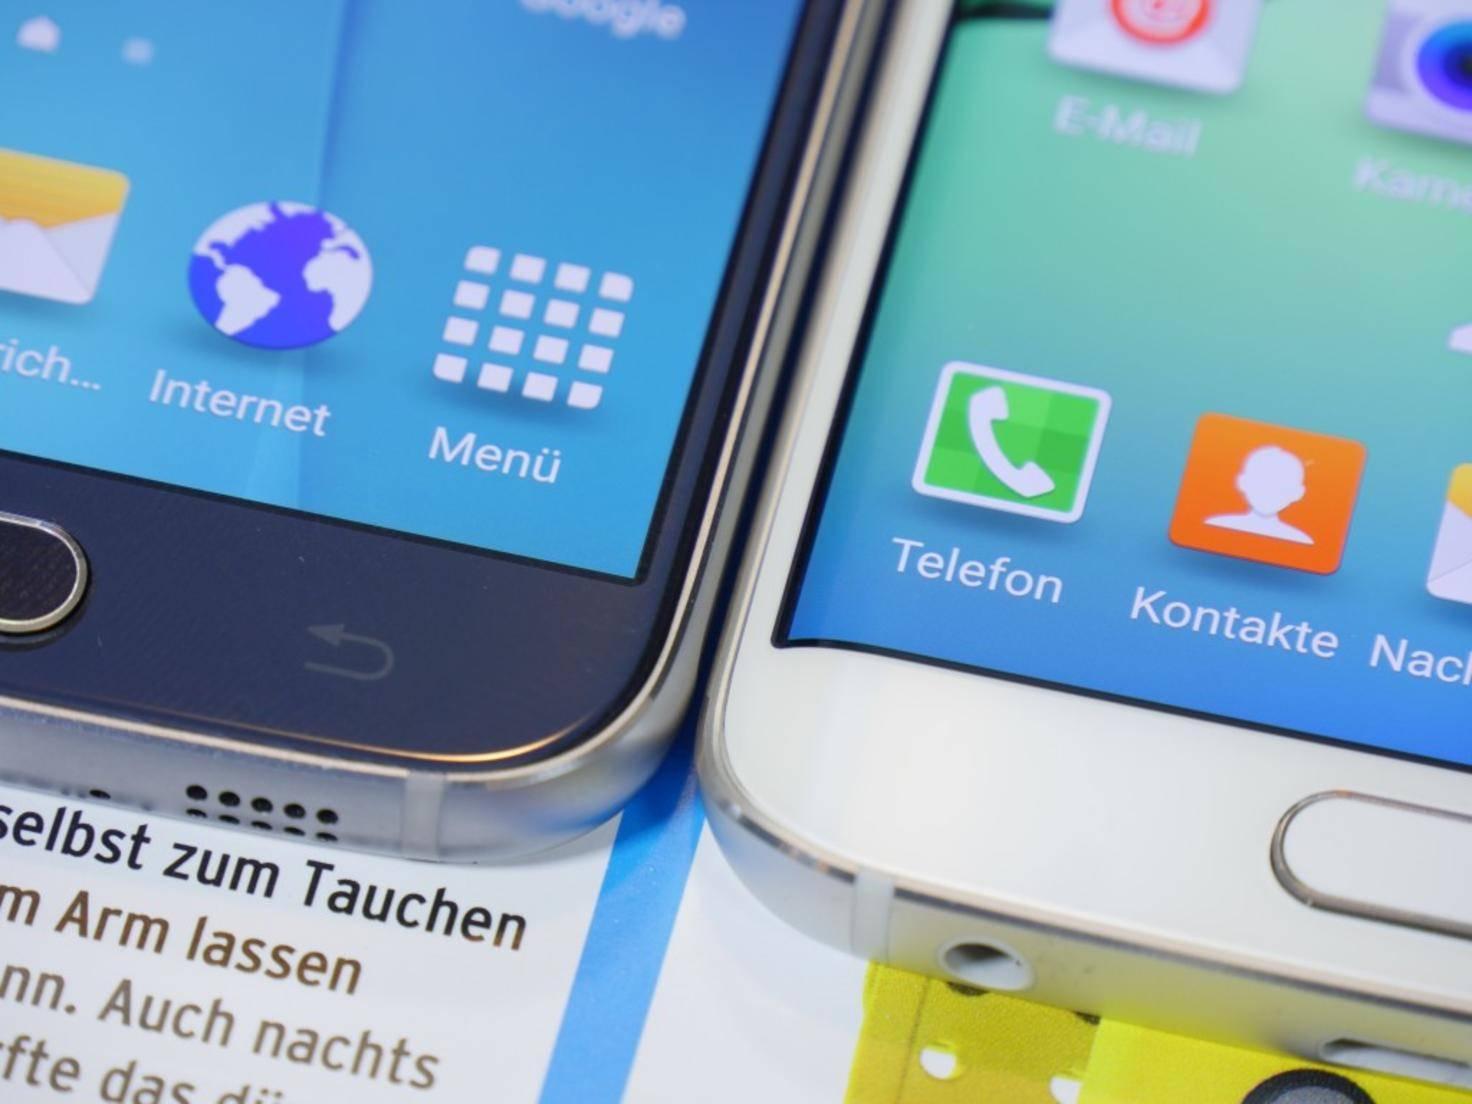 Samsung Galaxy S6 13